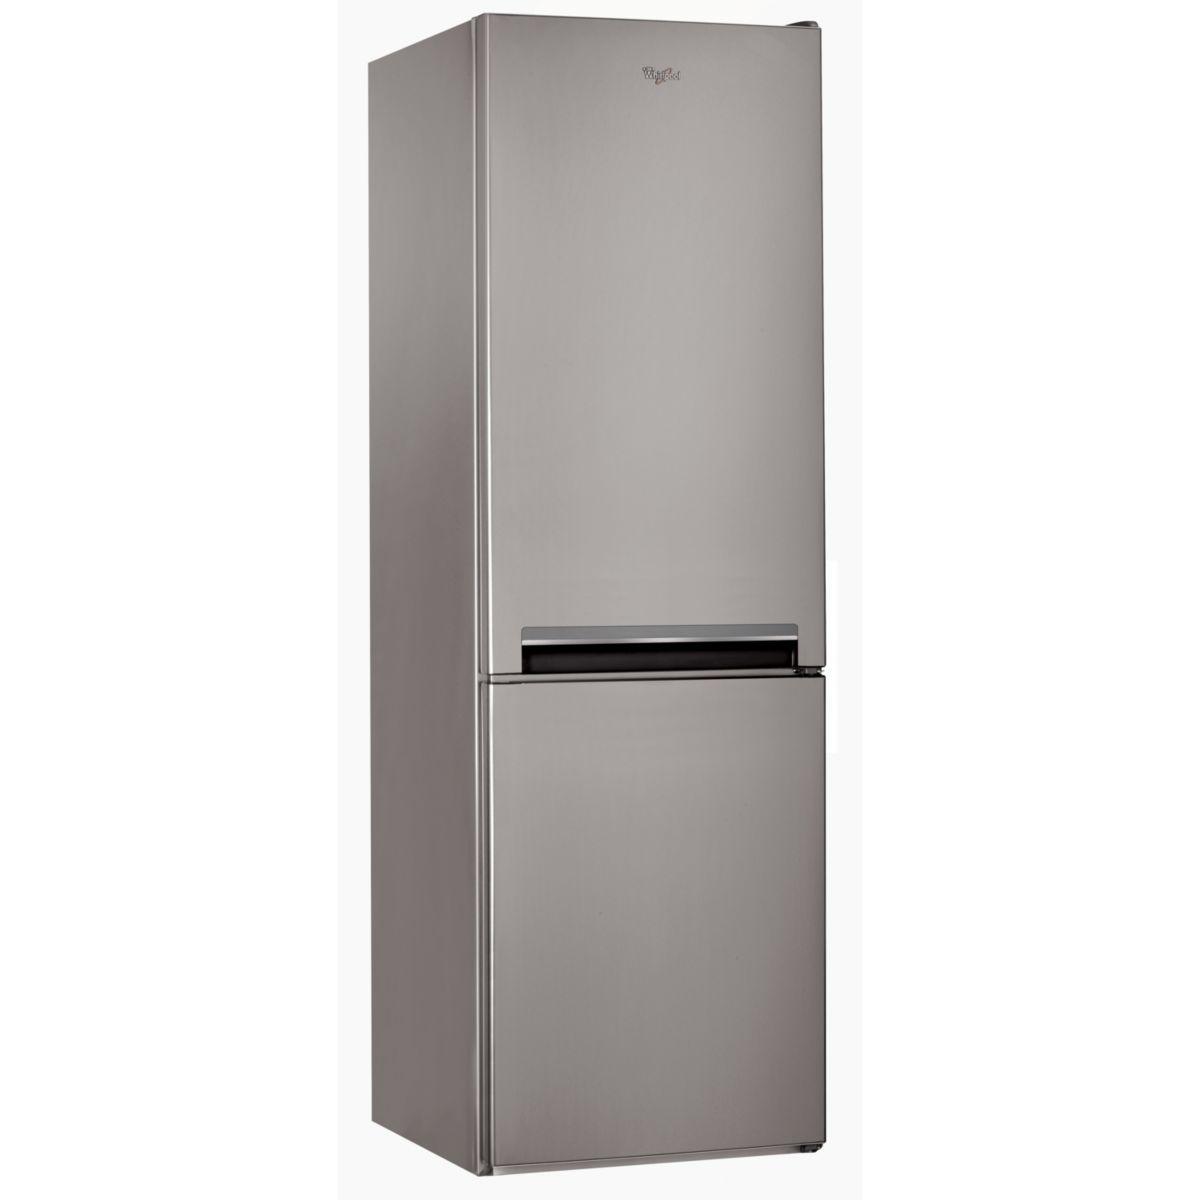 Réfrigérateur congélateur en bas whirlpool bsnf8101ox - 2% de remise : code gam2 (photo)